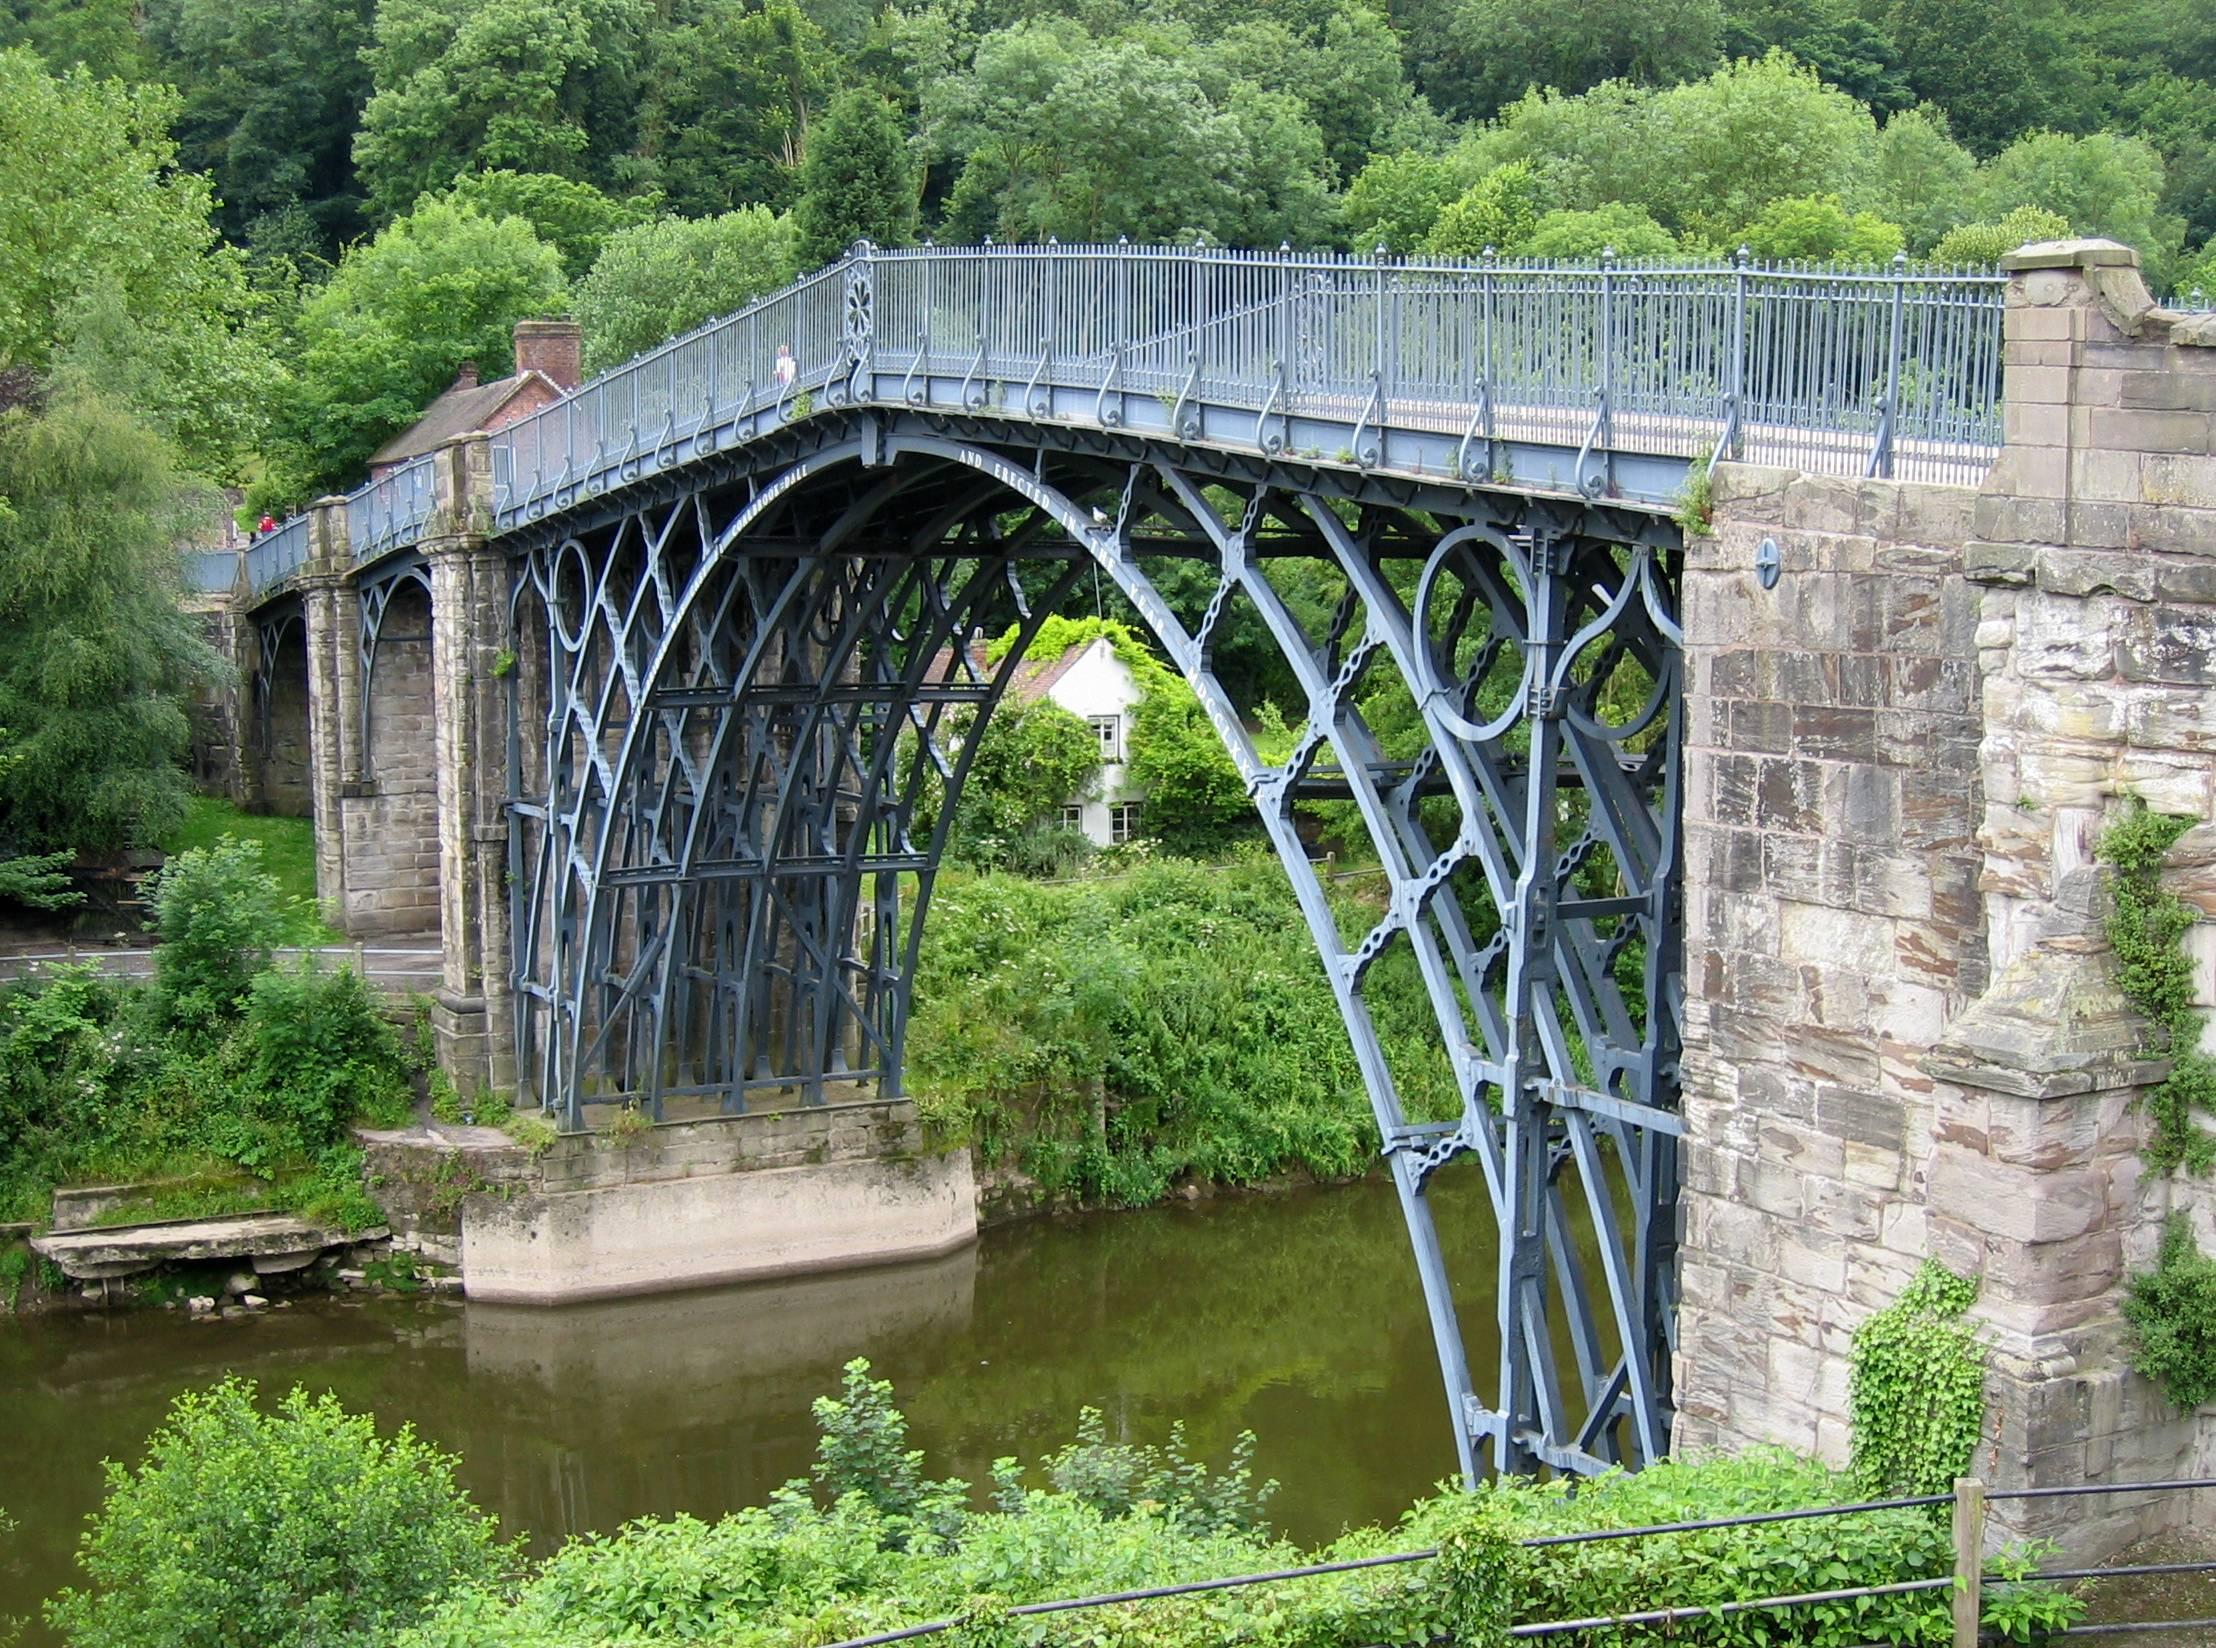 File:Ironbridge 6.jpg - Wikipedia